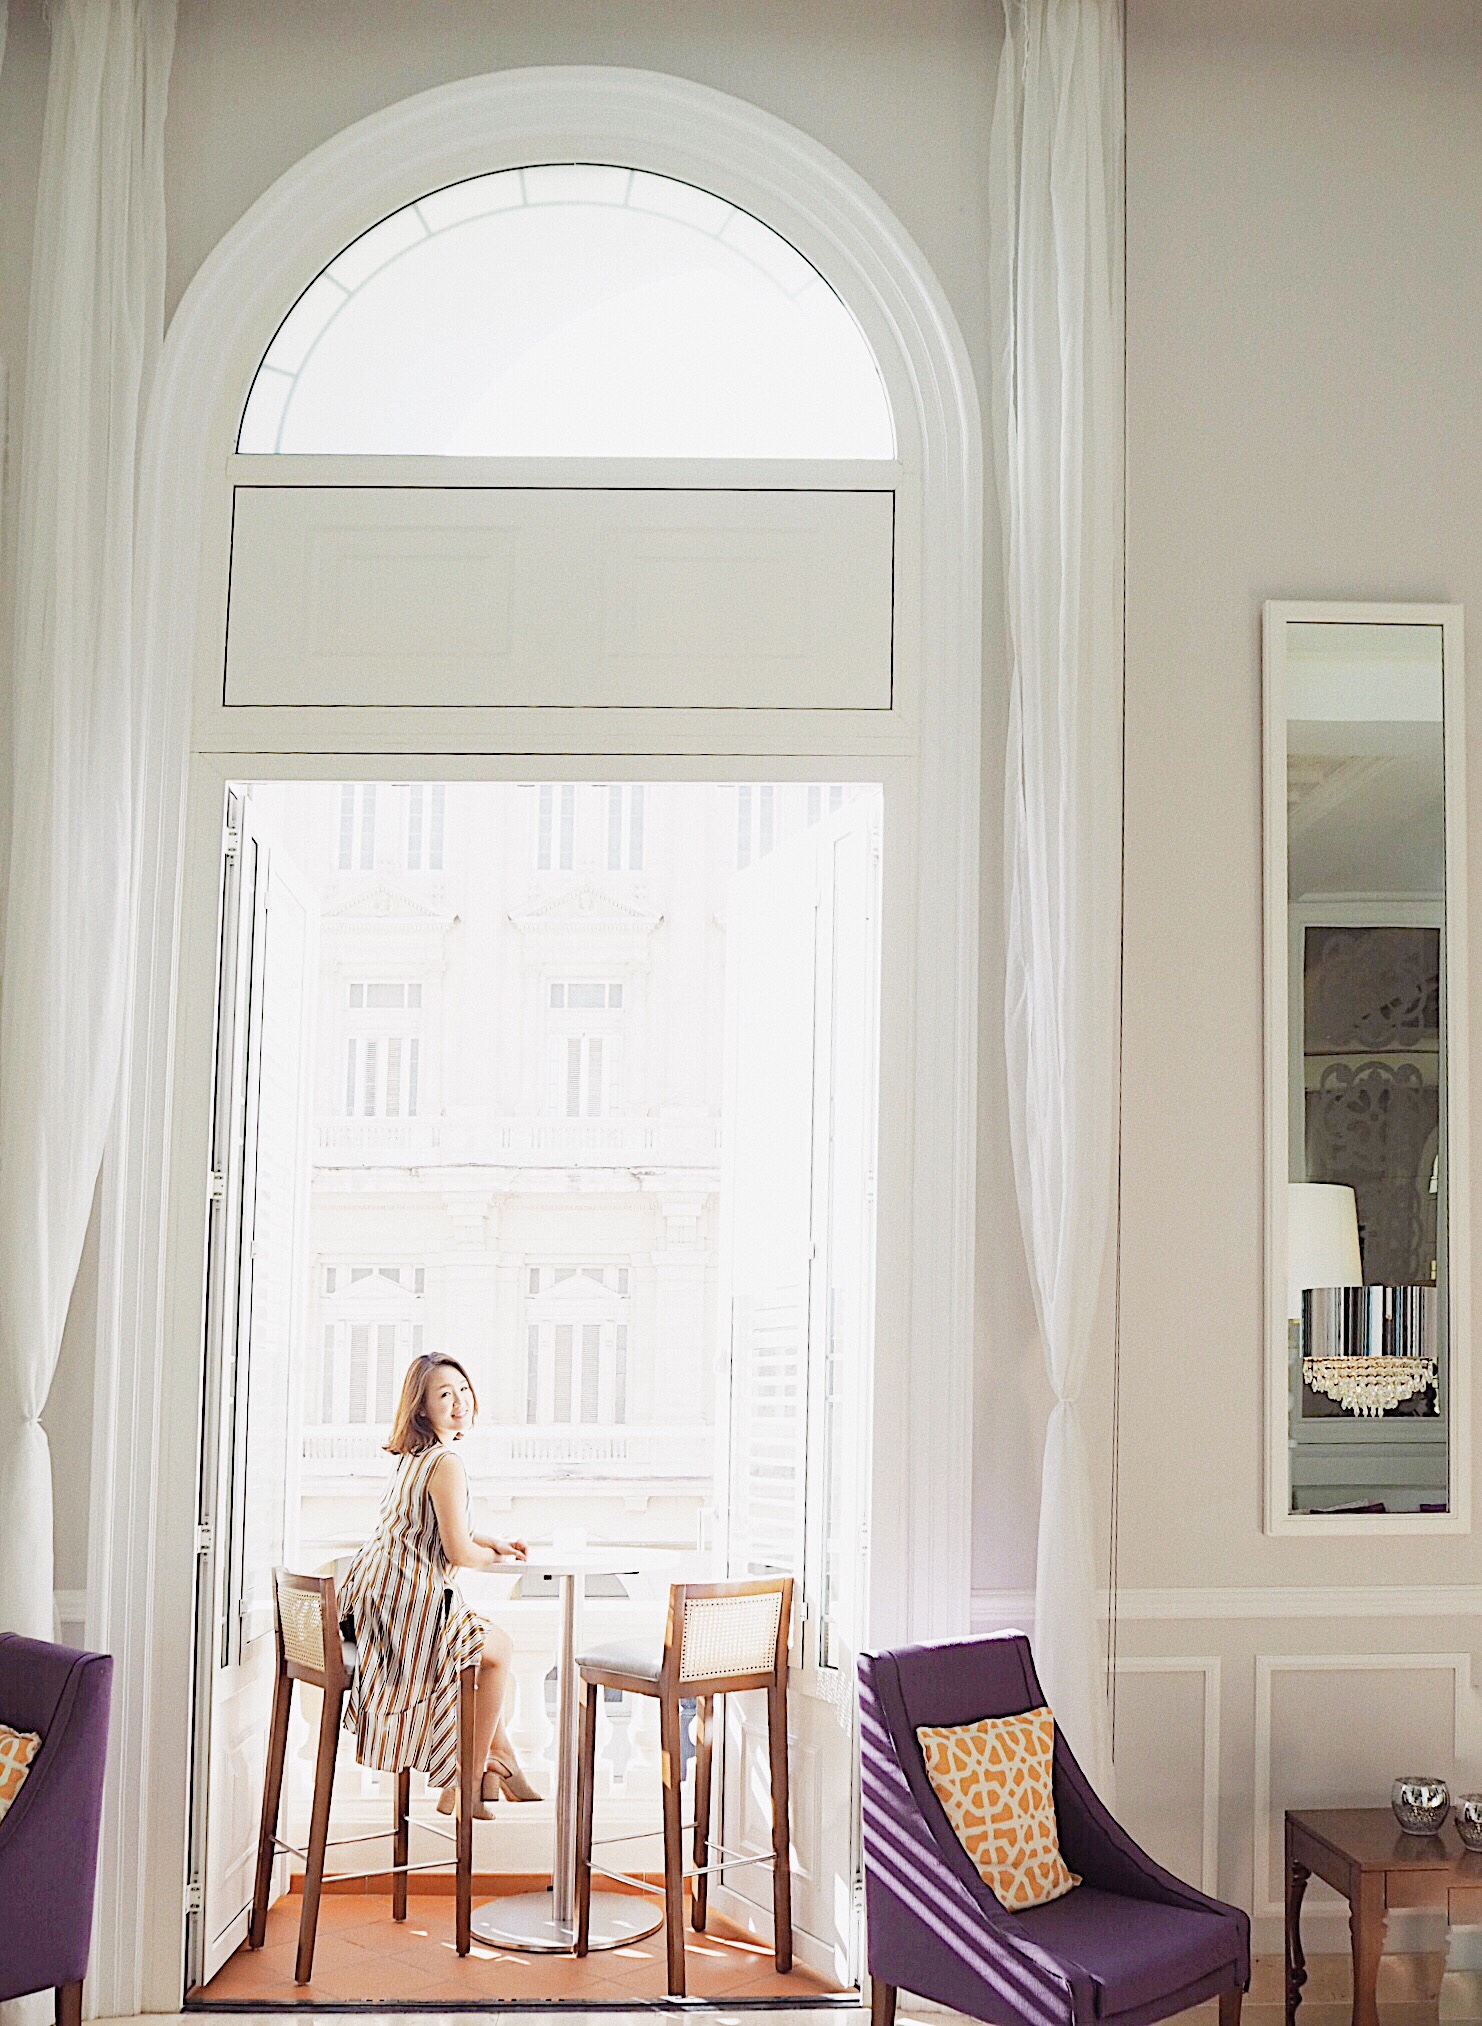 img 6719 - Kempinski Hotel - 2017年オープンのハバナで今1番と言われる五つ星ラグジュアリーホテル